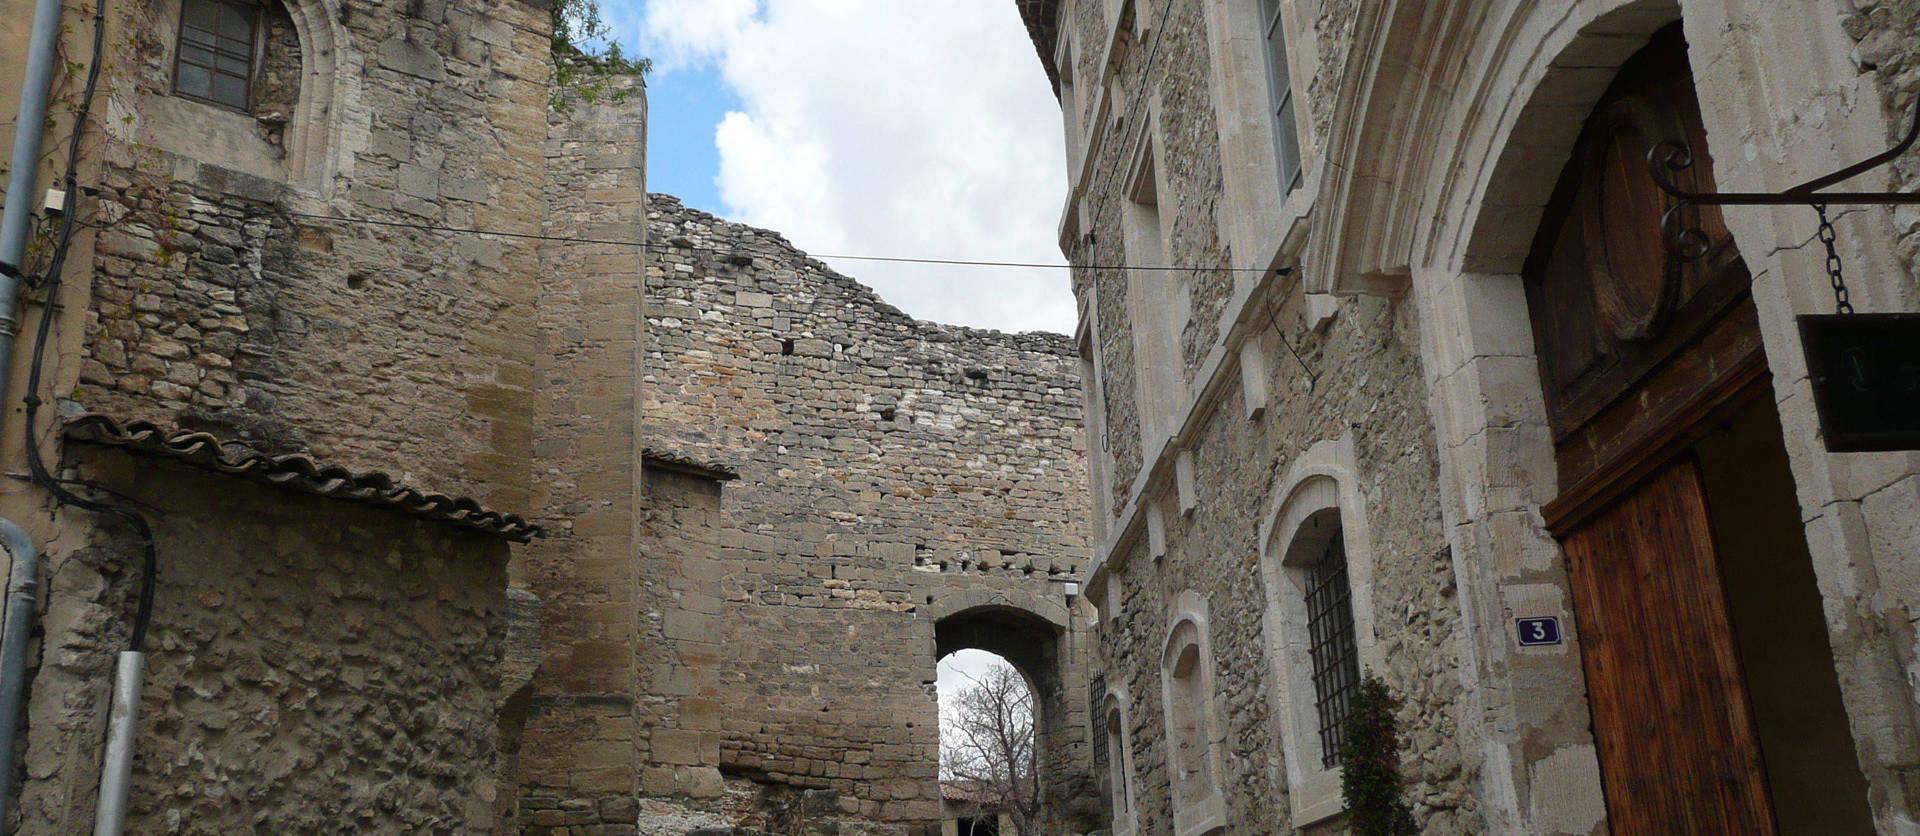 Solar de los señores de Caumont, situado en la región de Aquitania, departamento de Gironda, en el distrito de Langon.